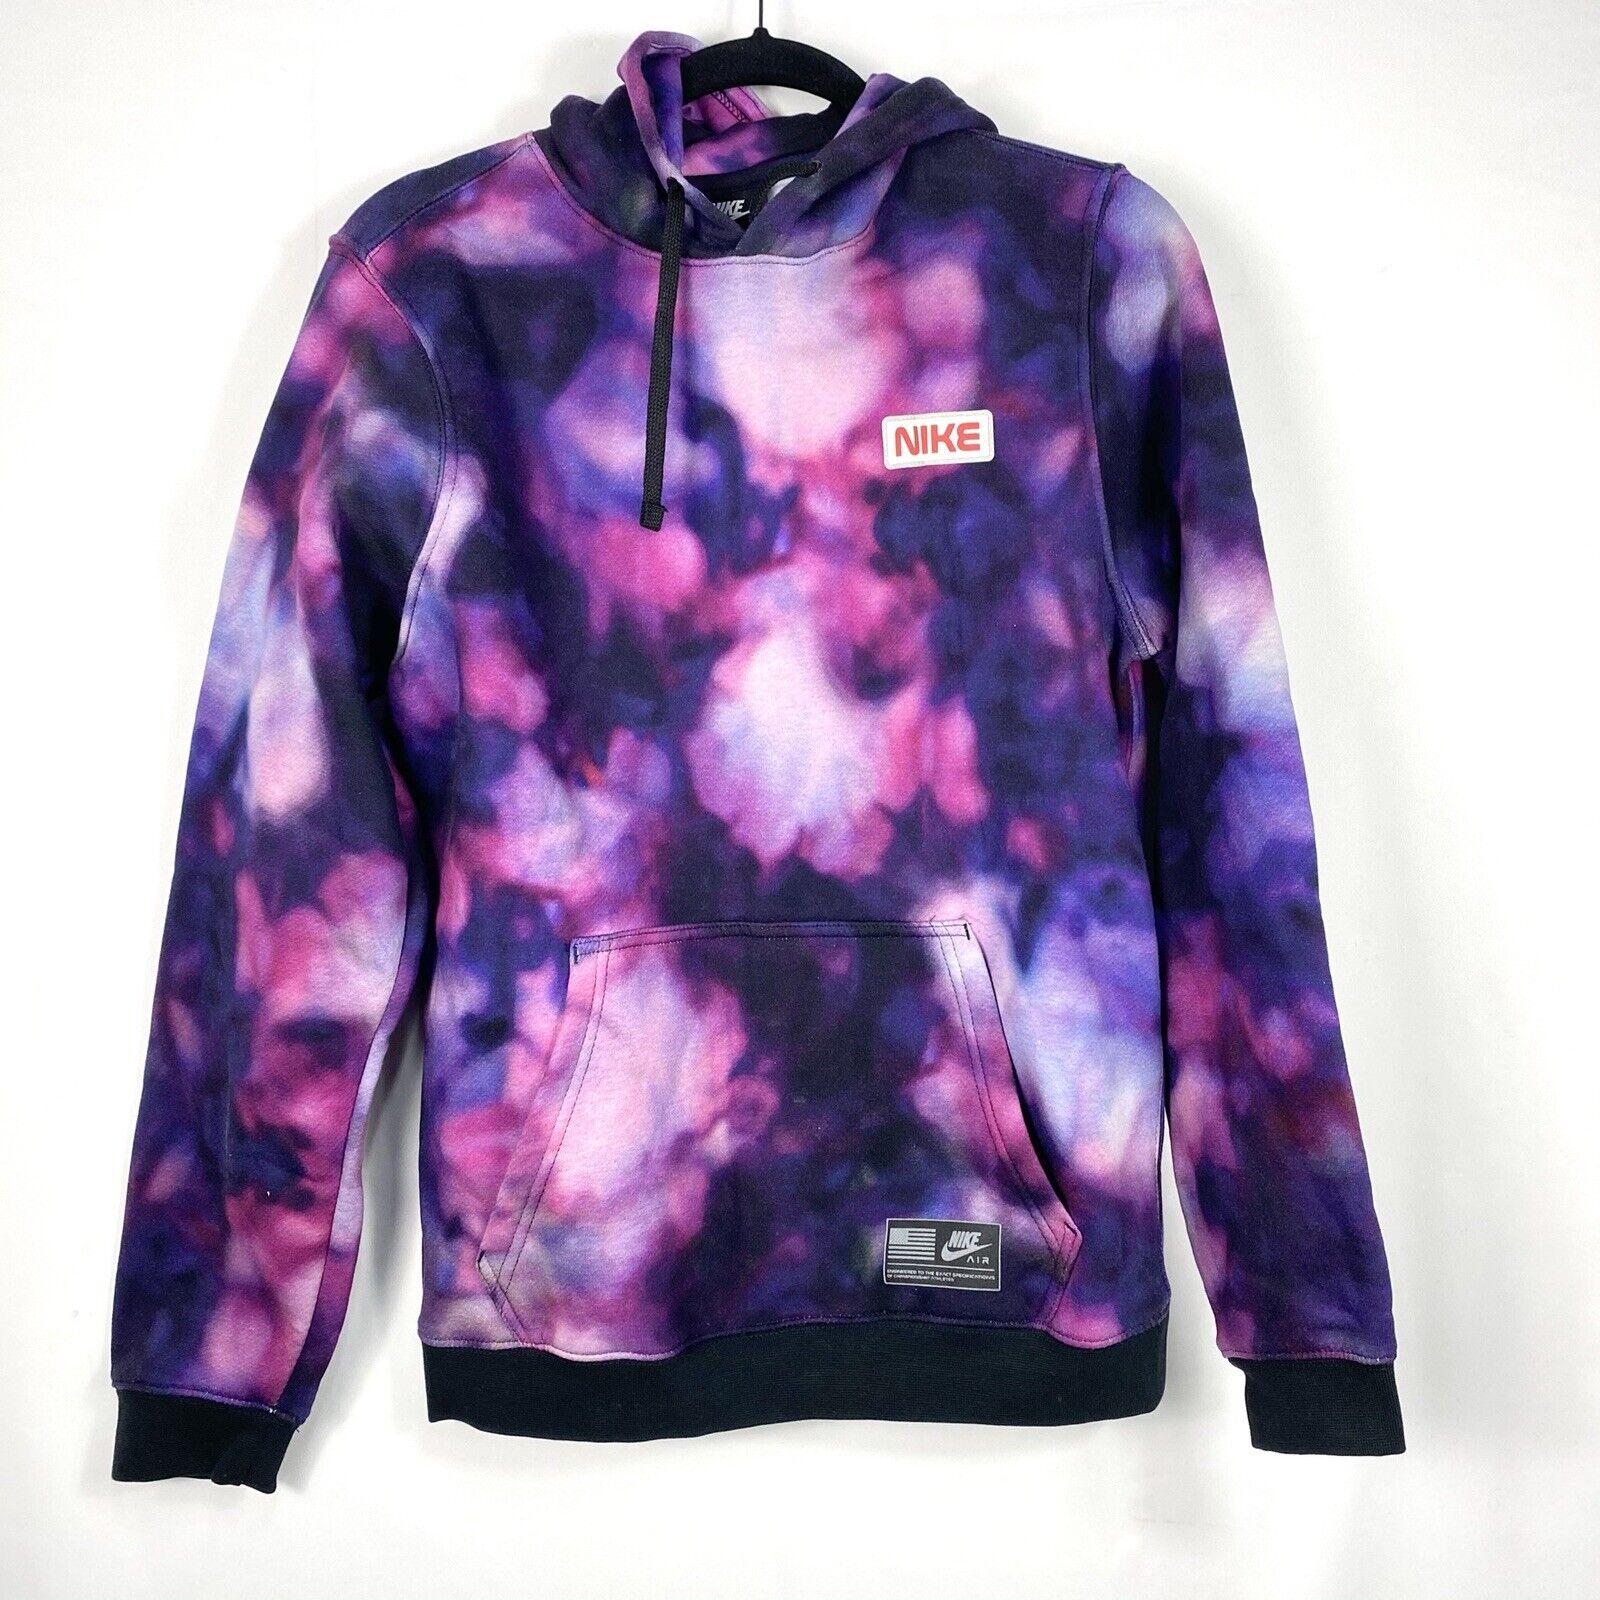 Abrazadera esposas El extraño  Nike Stargazer Club Fleece Pullover Nasa Galaxy Hoodie Men Sz Medium  BV3069-010 for sale online